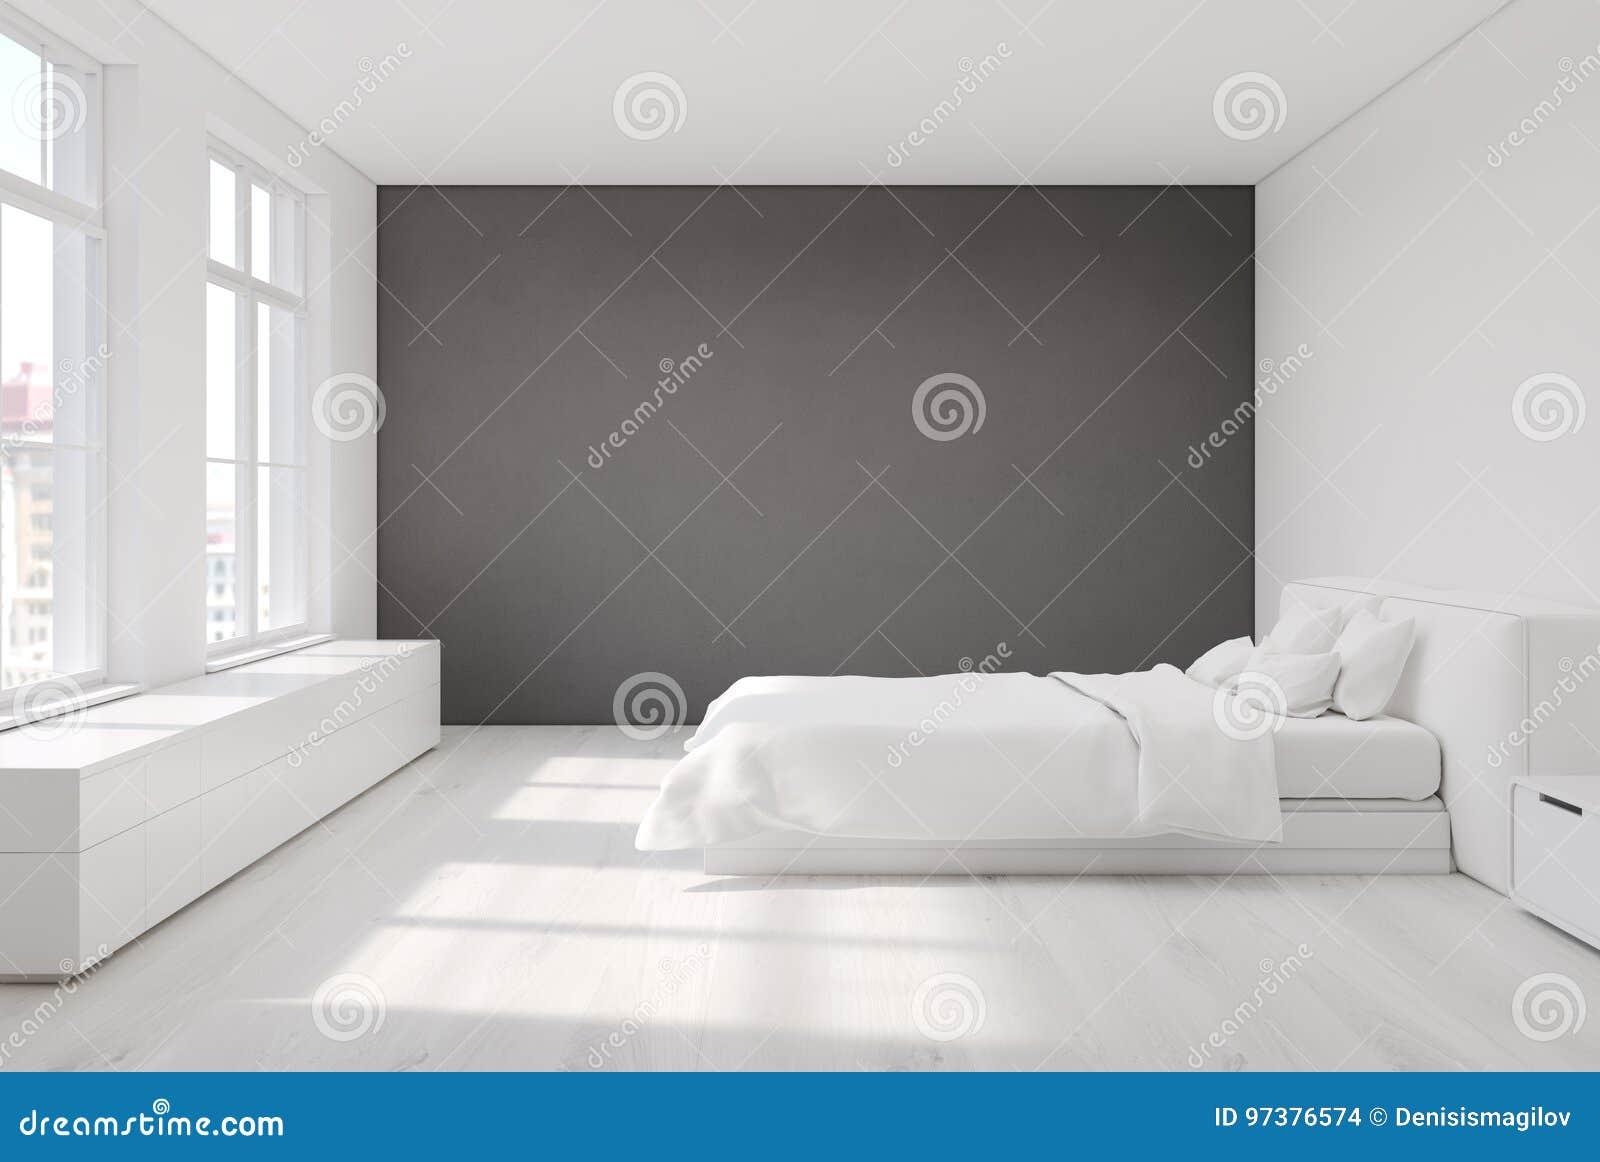 Weißes Schlafzimmer Mit Einer Grauen Wand Stock Abbildung ...